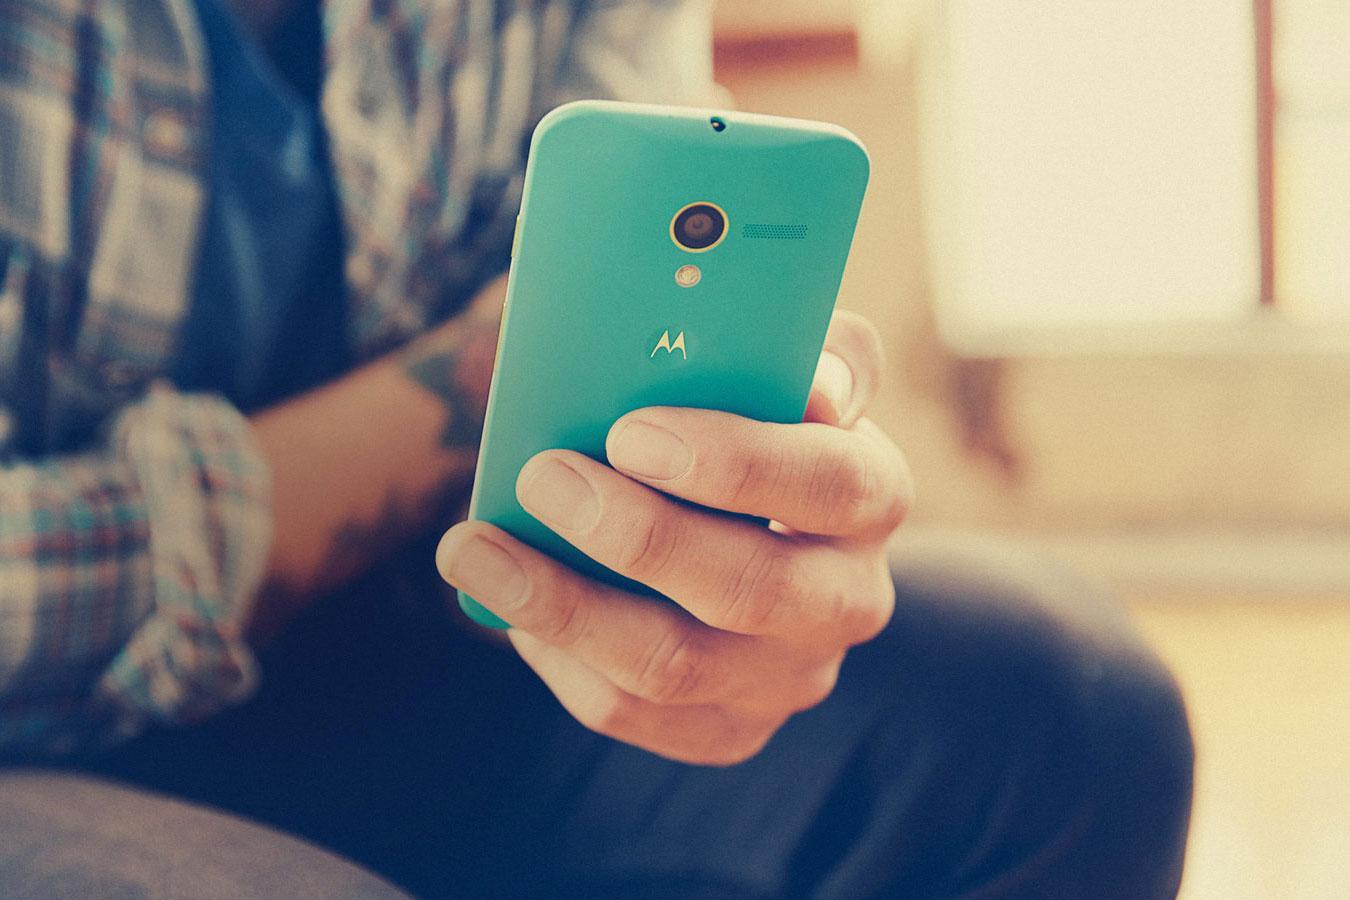 Motorola-Moto-X-Moto-Maker-header-2